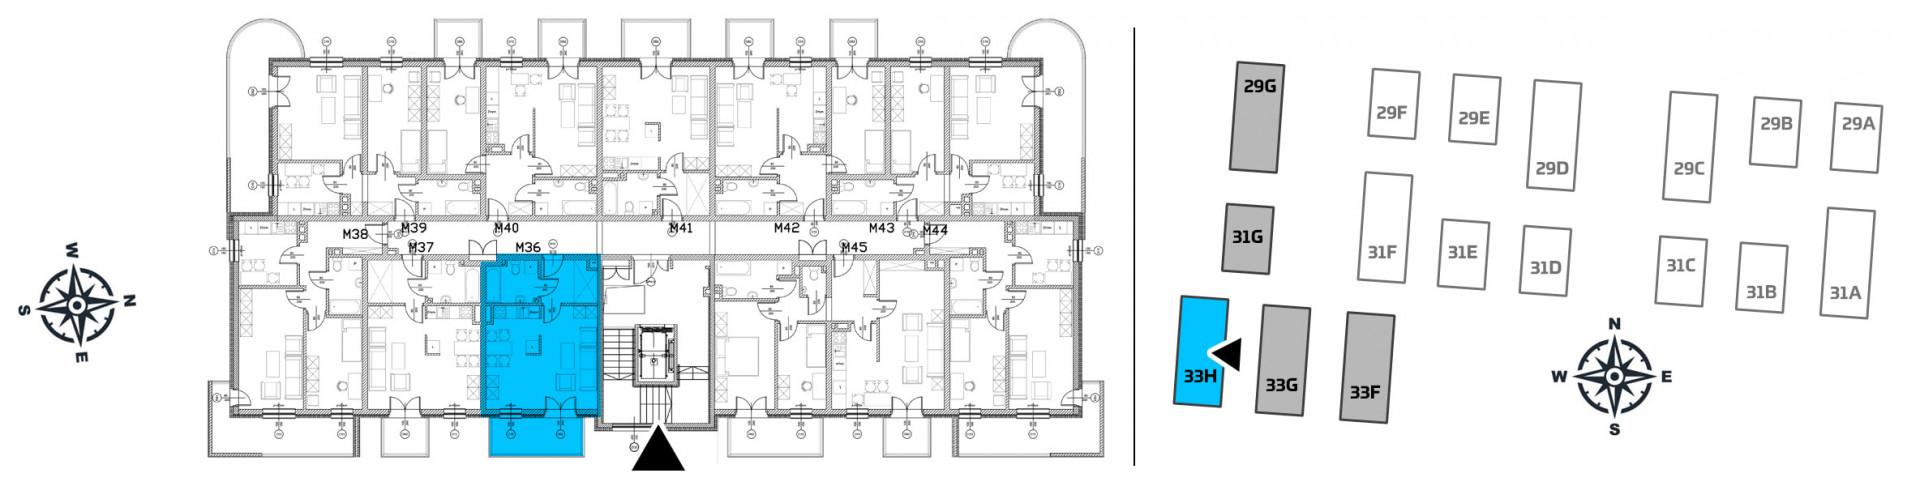 Mieszkanie jednopokojowe 33H/36 rzut 2